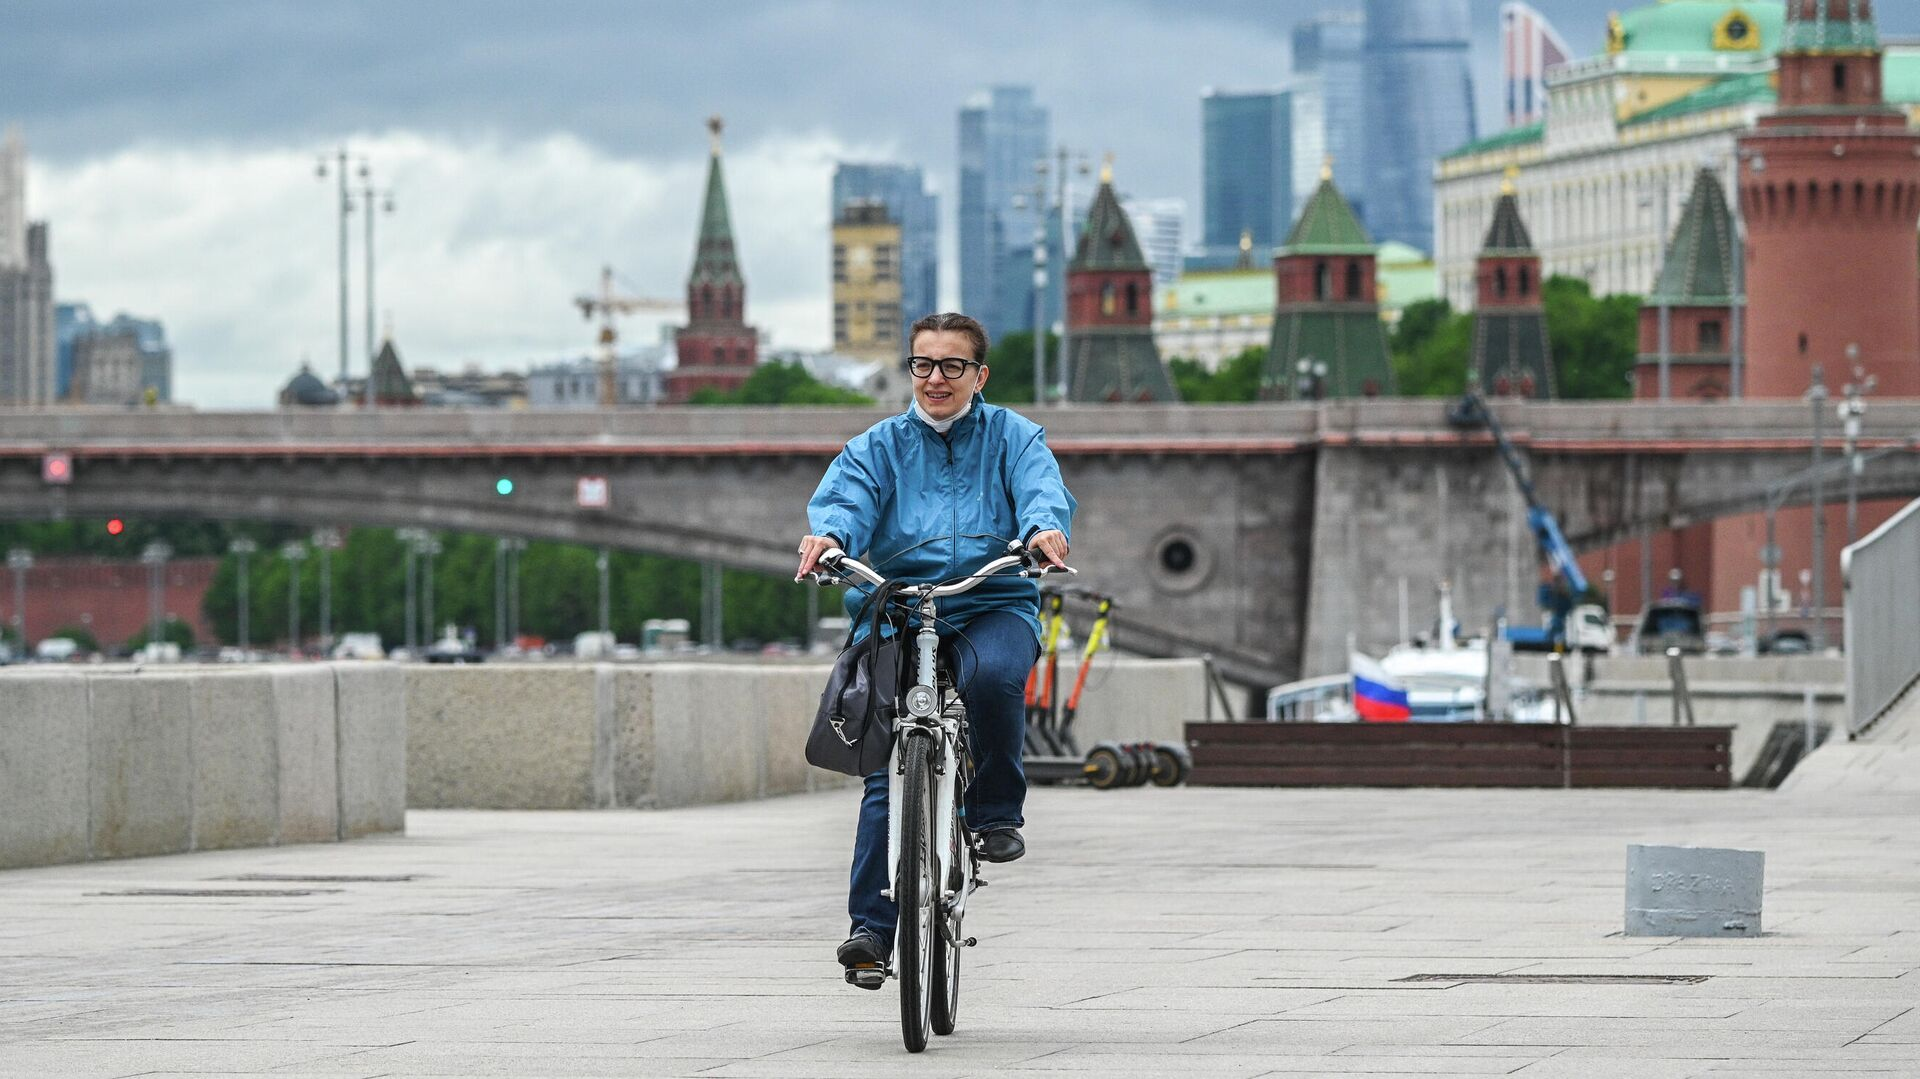 Девушка едет на велосипеде по Москворецкой набережной в Москве - РИА Новости, 1920, 09.06.2021